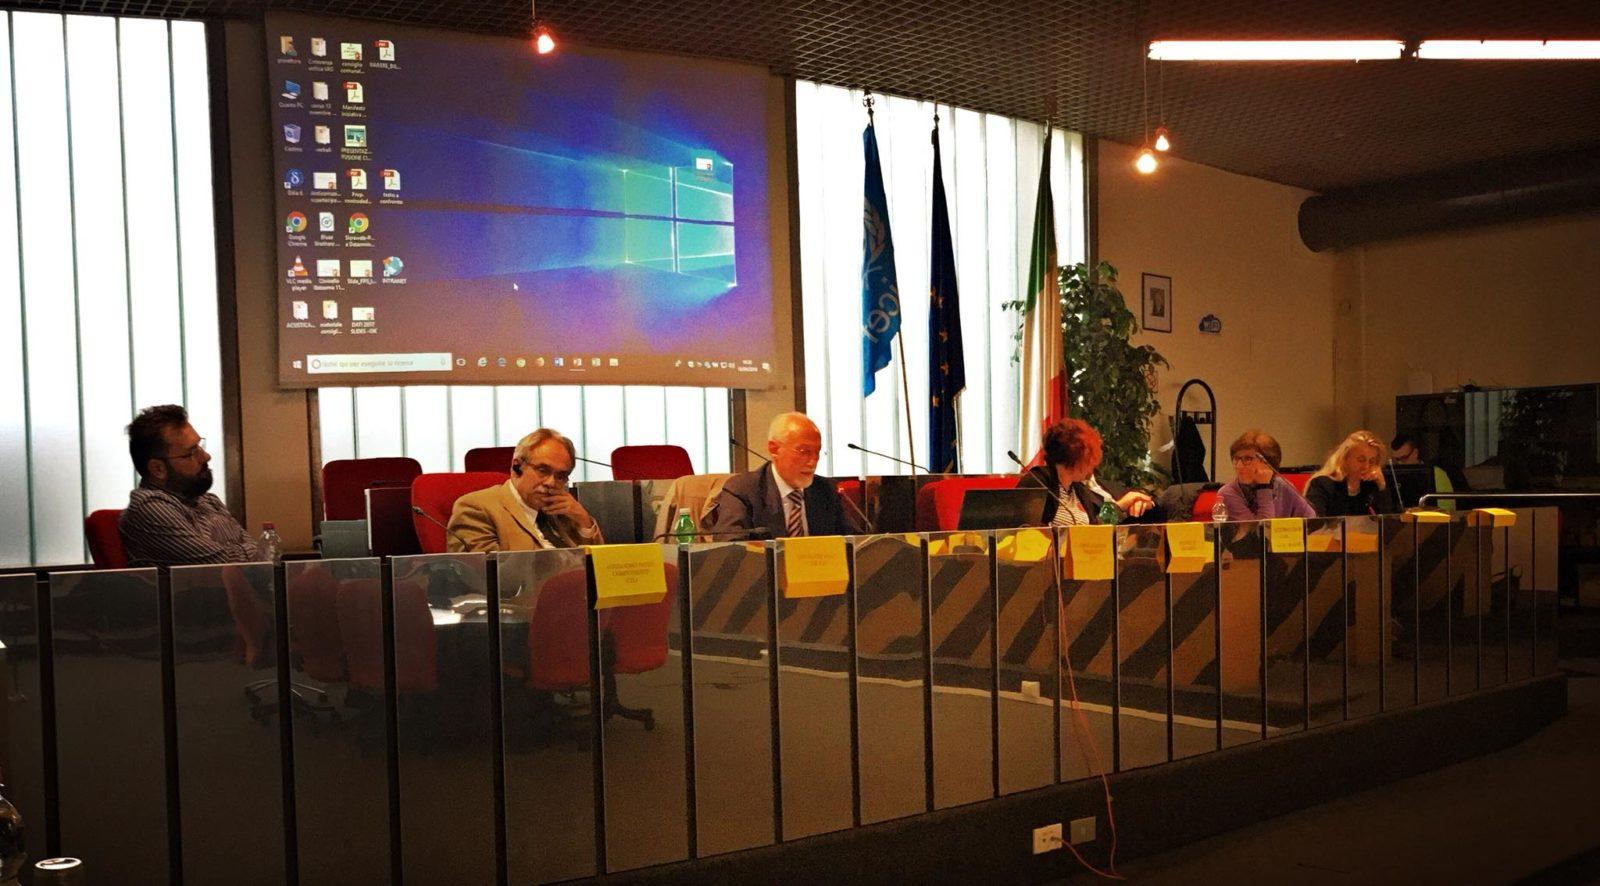 Scuola Inglese Novate Milanese.Nuova Stagione Di Corsi Nelle Biblioteche Csbno Sempione News